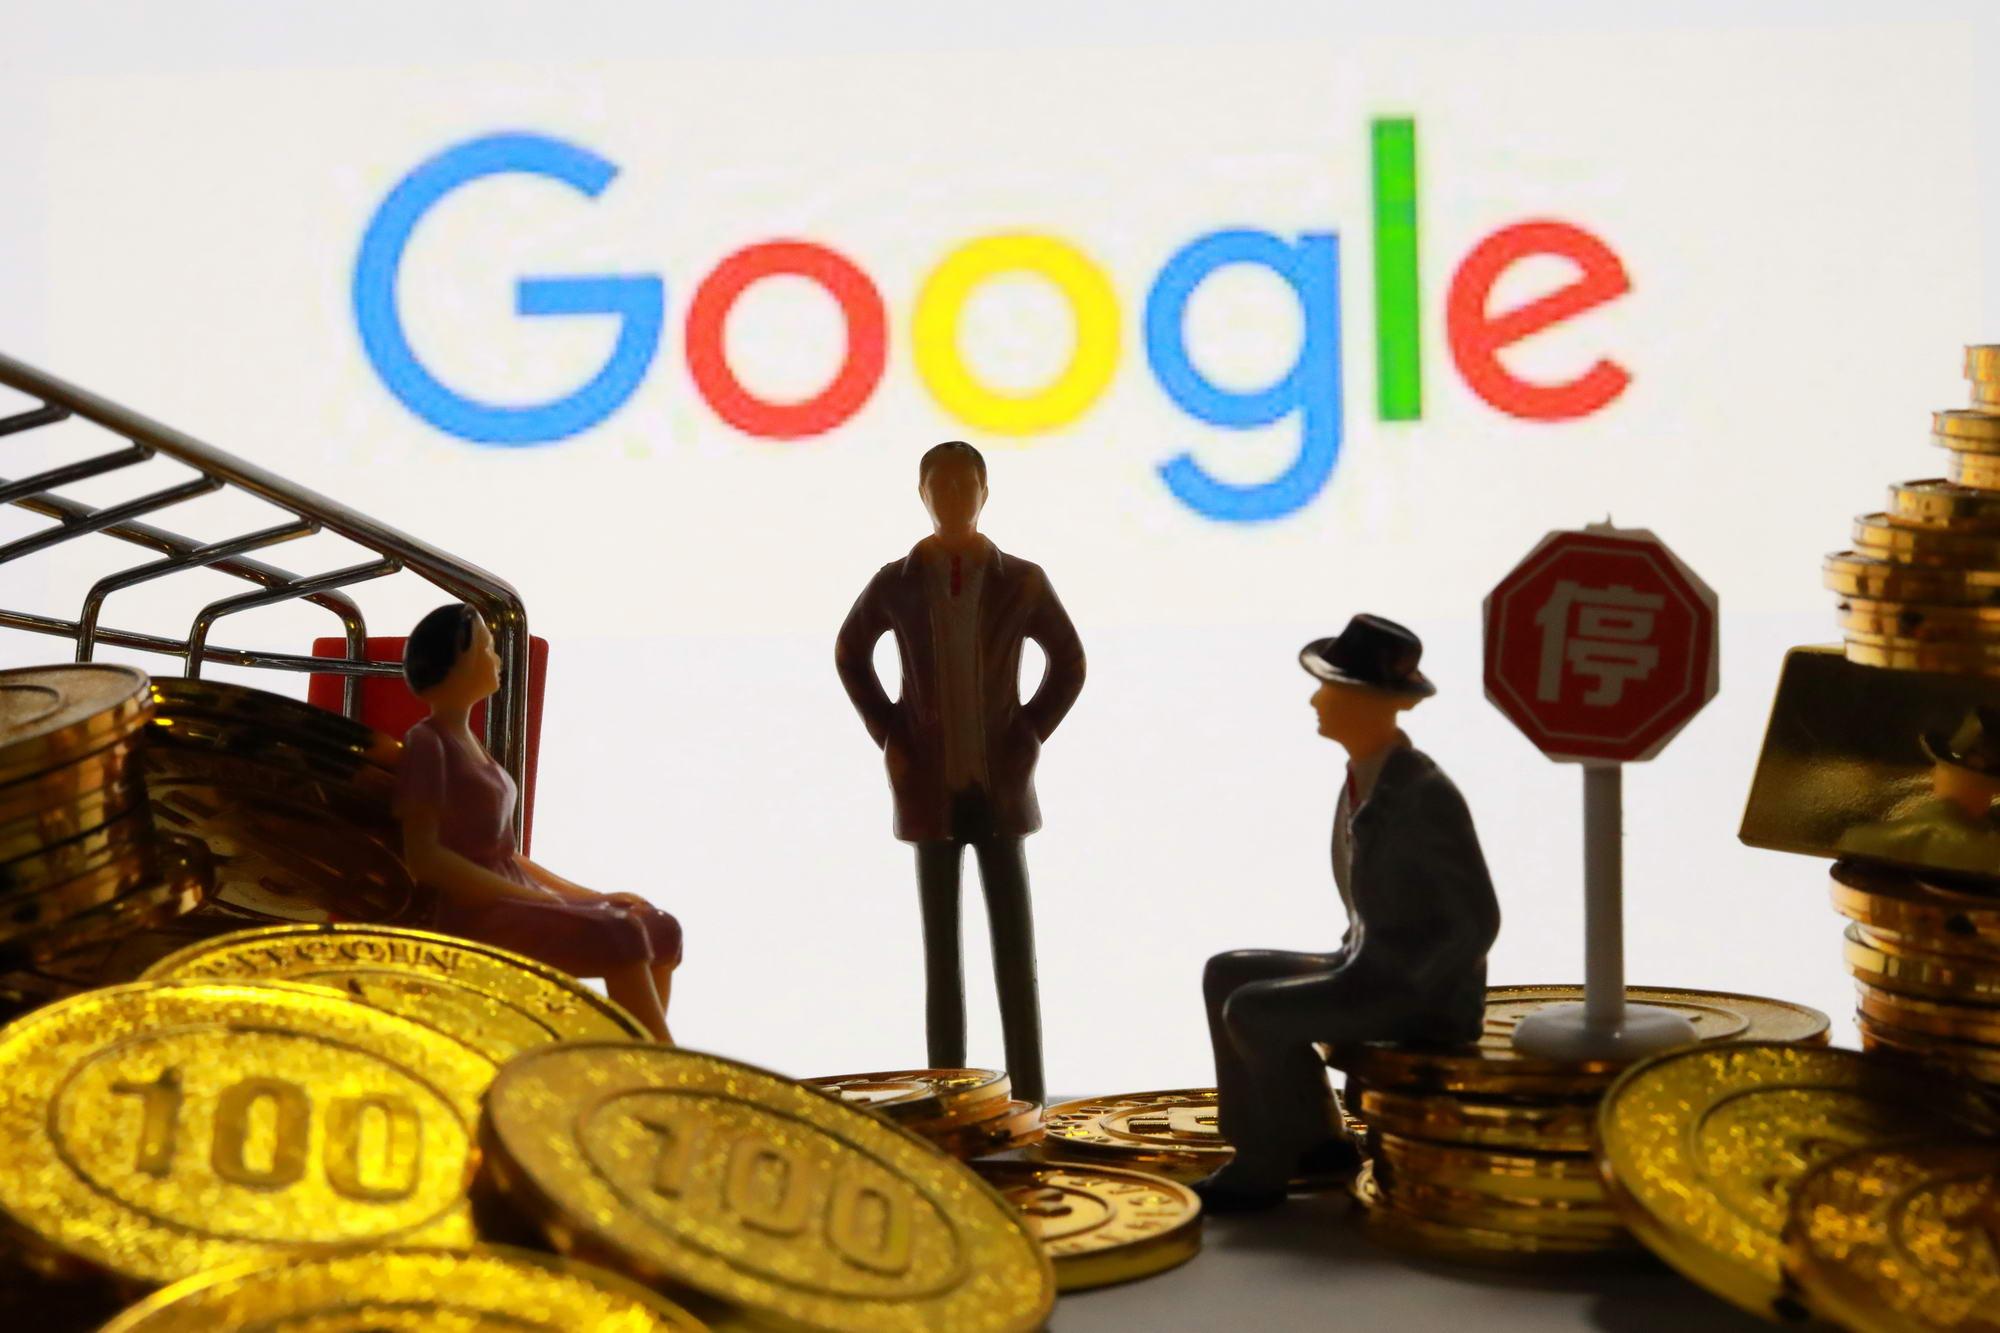 谷歌拟为YouTube增添电商相关功能_零售_电商报